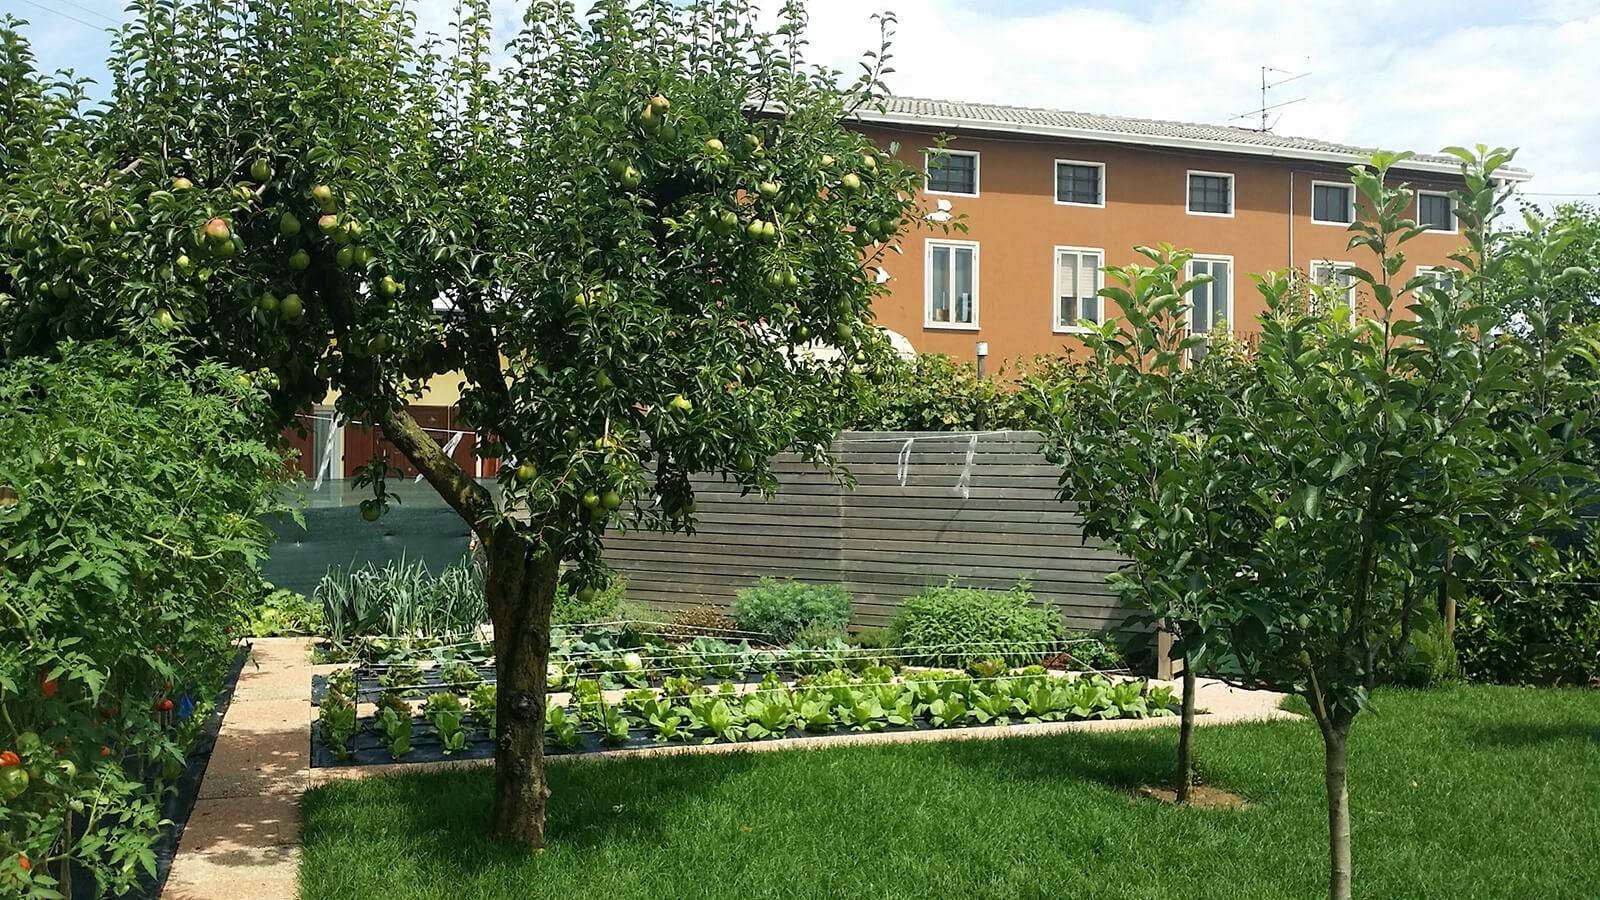 progettazione realizzazione giardini costabissara - verde blu giardini 1